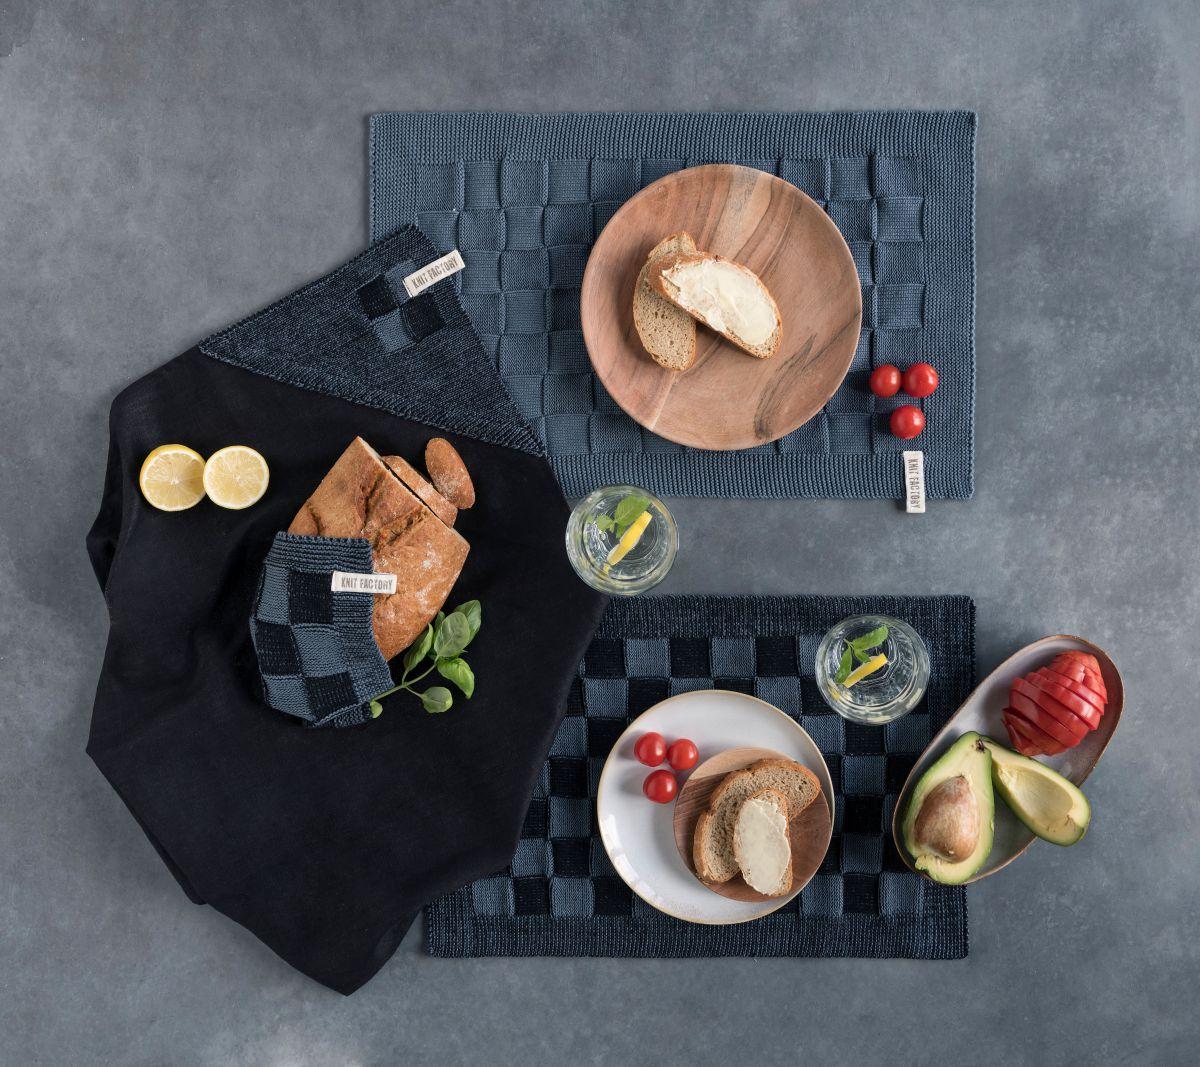 20102 knit factory placemat grote blok 2 kleuren zwart 3